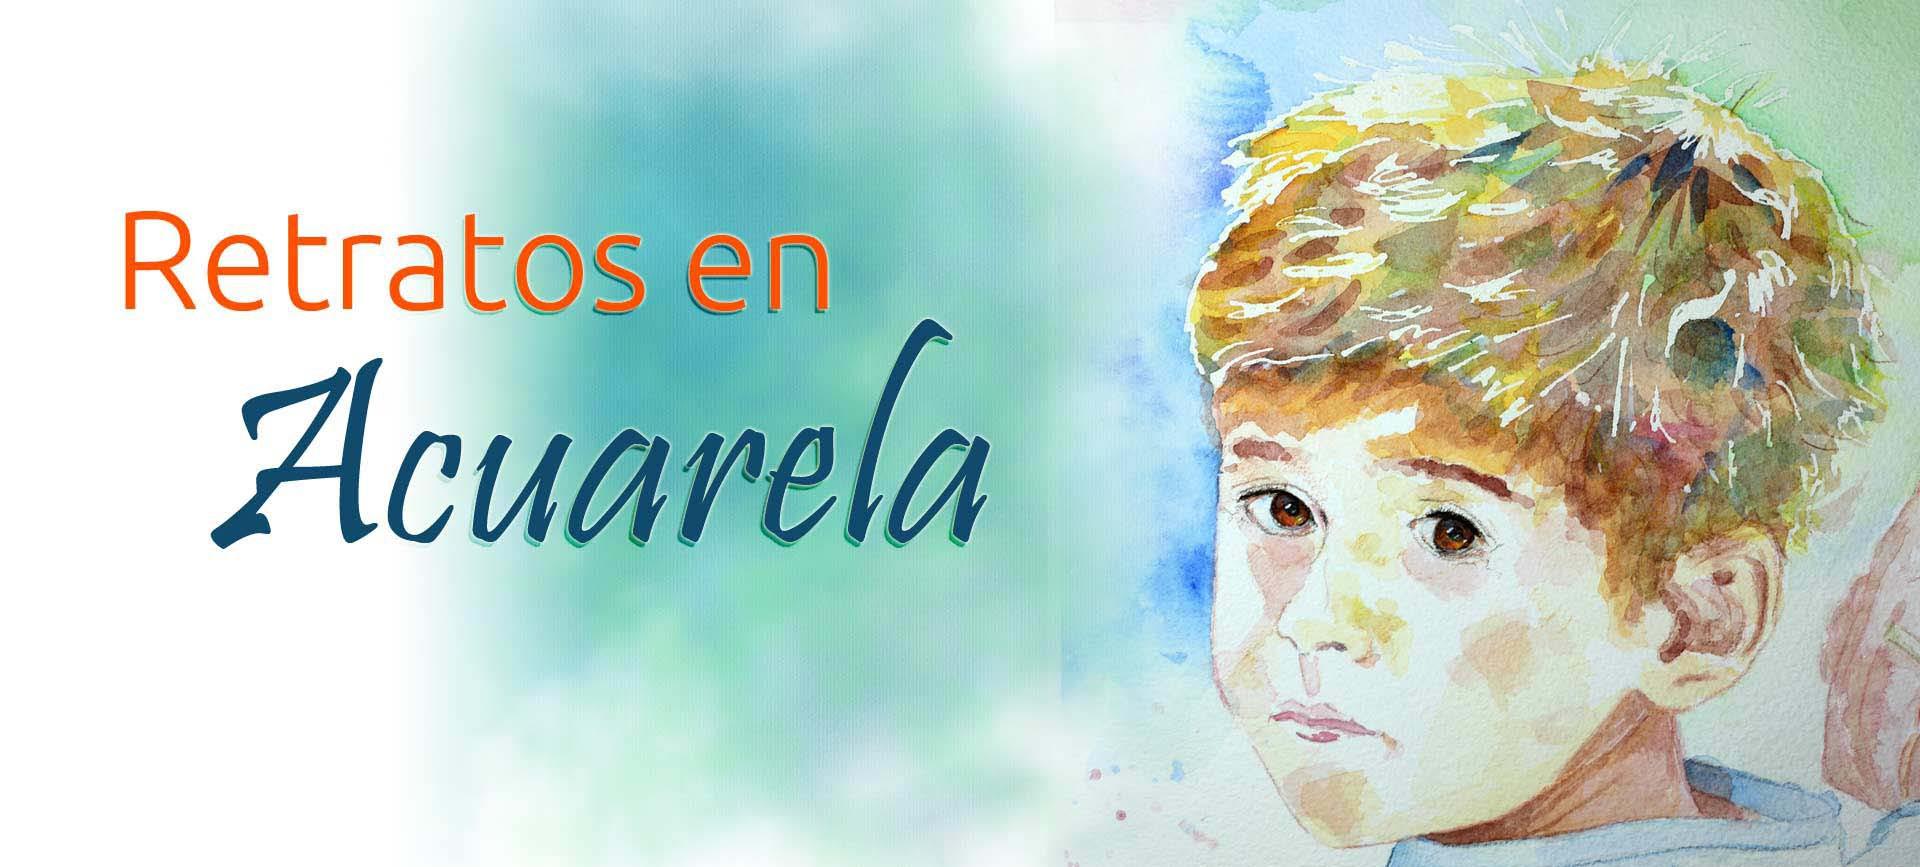 Retratos en Acuarela pintados a mano. Ya puedes encargar tu Acuarela